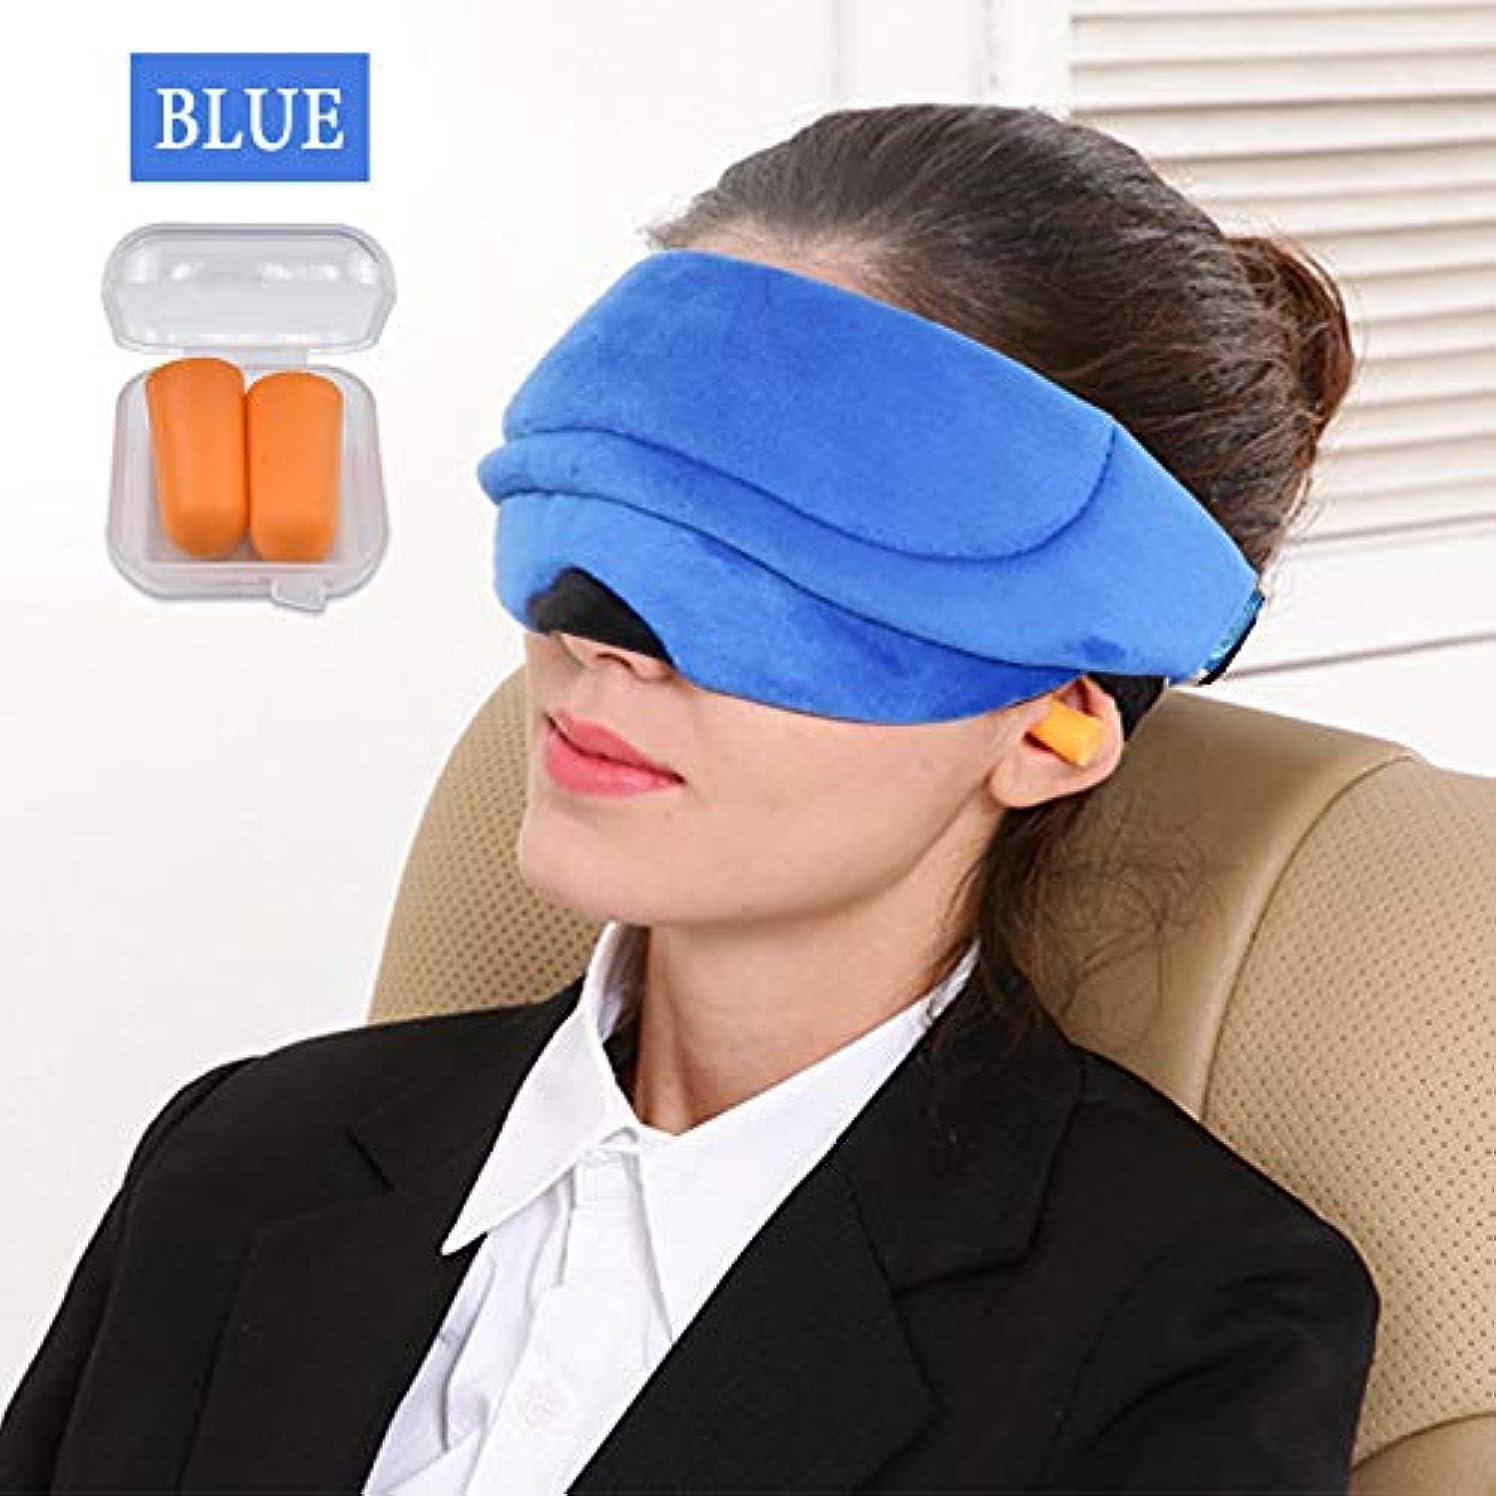 辞書レンダー似ているNOTE 3dソフト通気性睡眠アイマスクナチュラル睡眠カバー目隠し残り援助アイシェード女性男性旅行カバーシェードアイパッチ